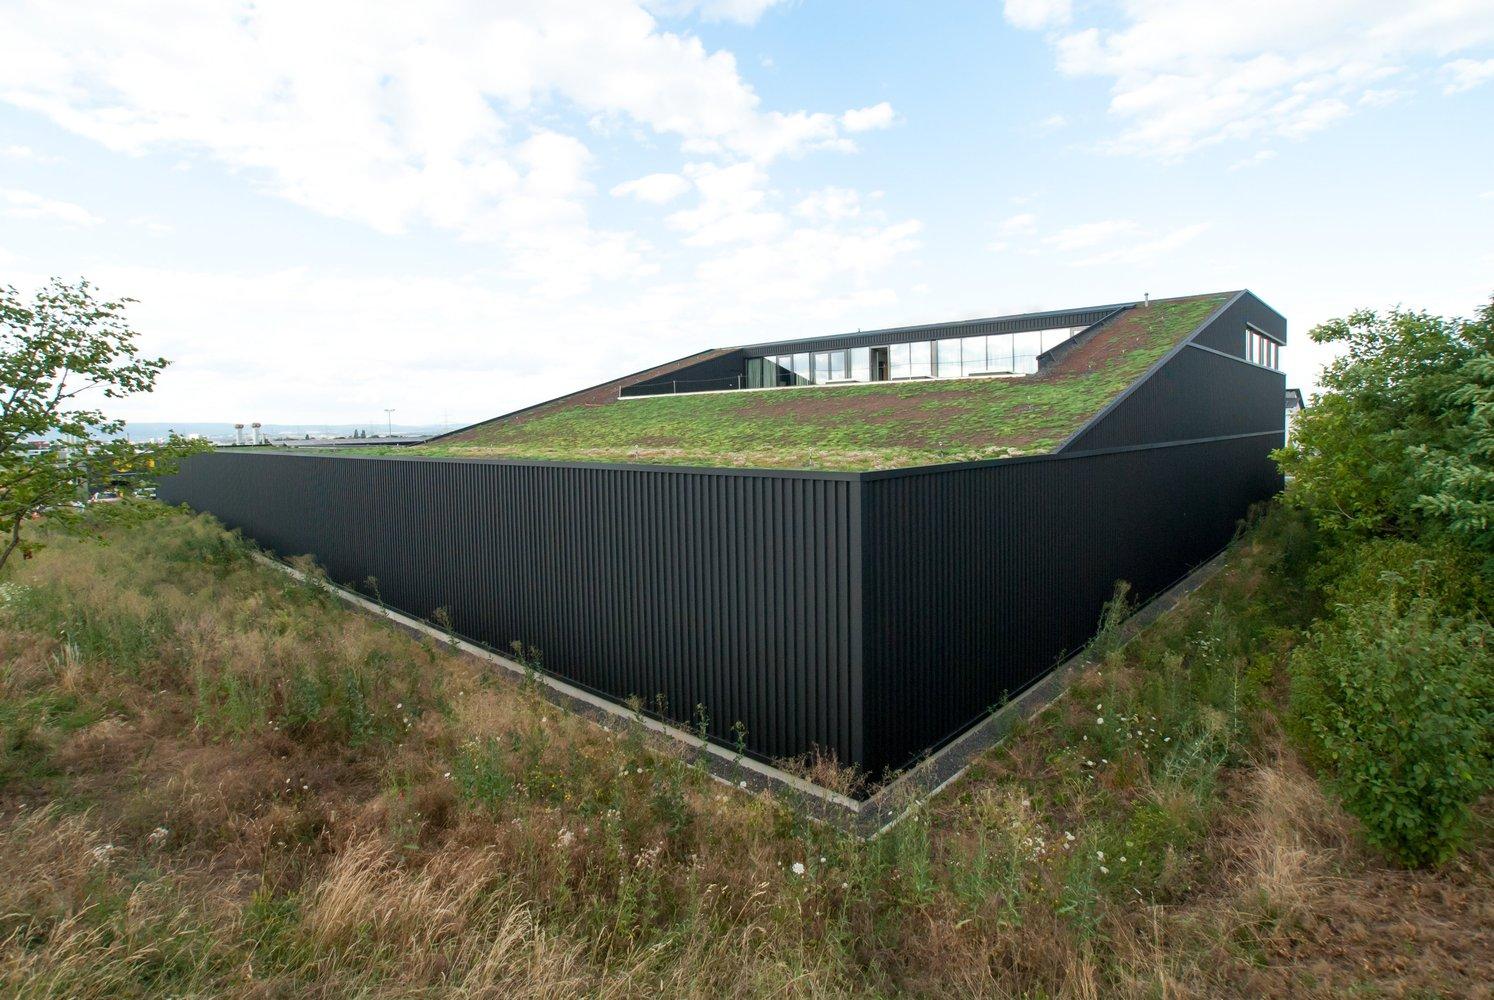 Architekten In Mainz gallery of dachland s hq in mainz syra schoyerer architekten 1